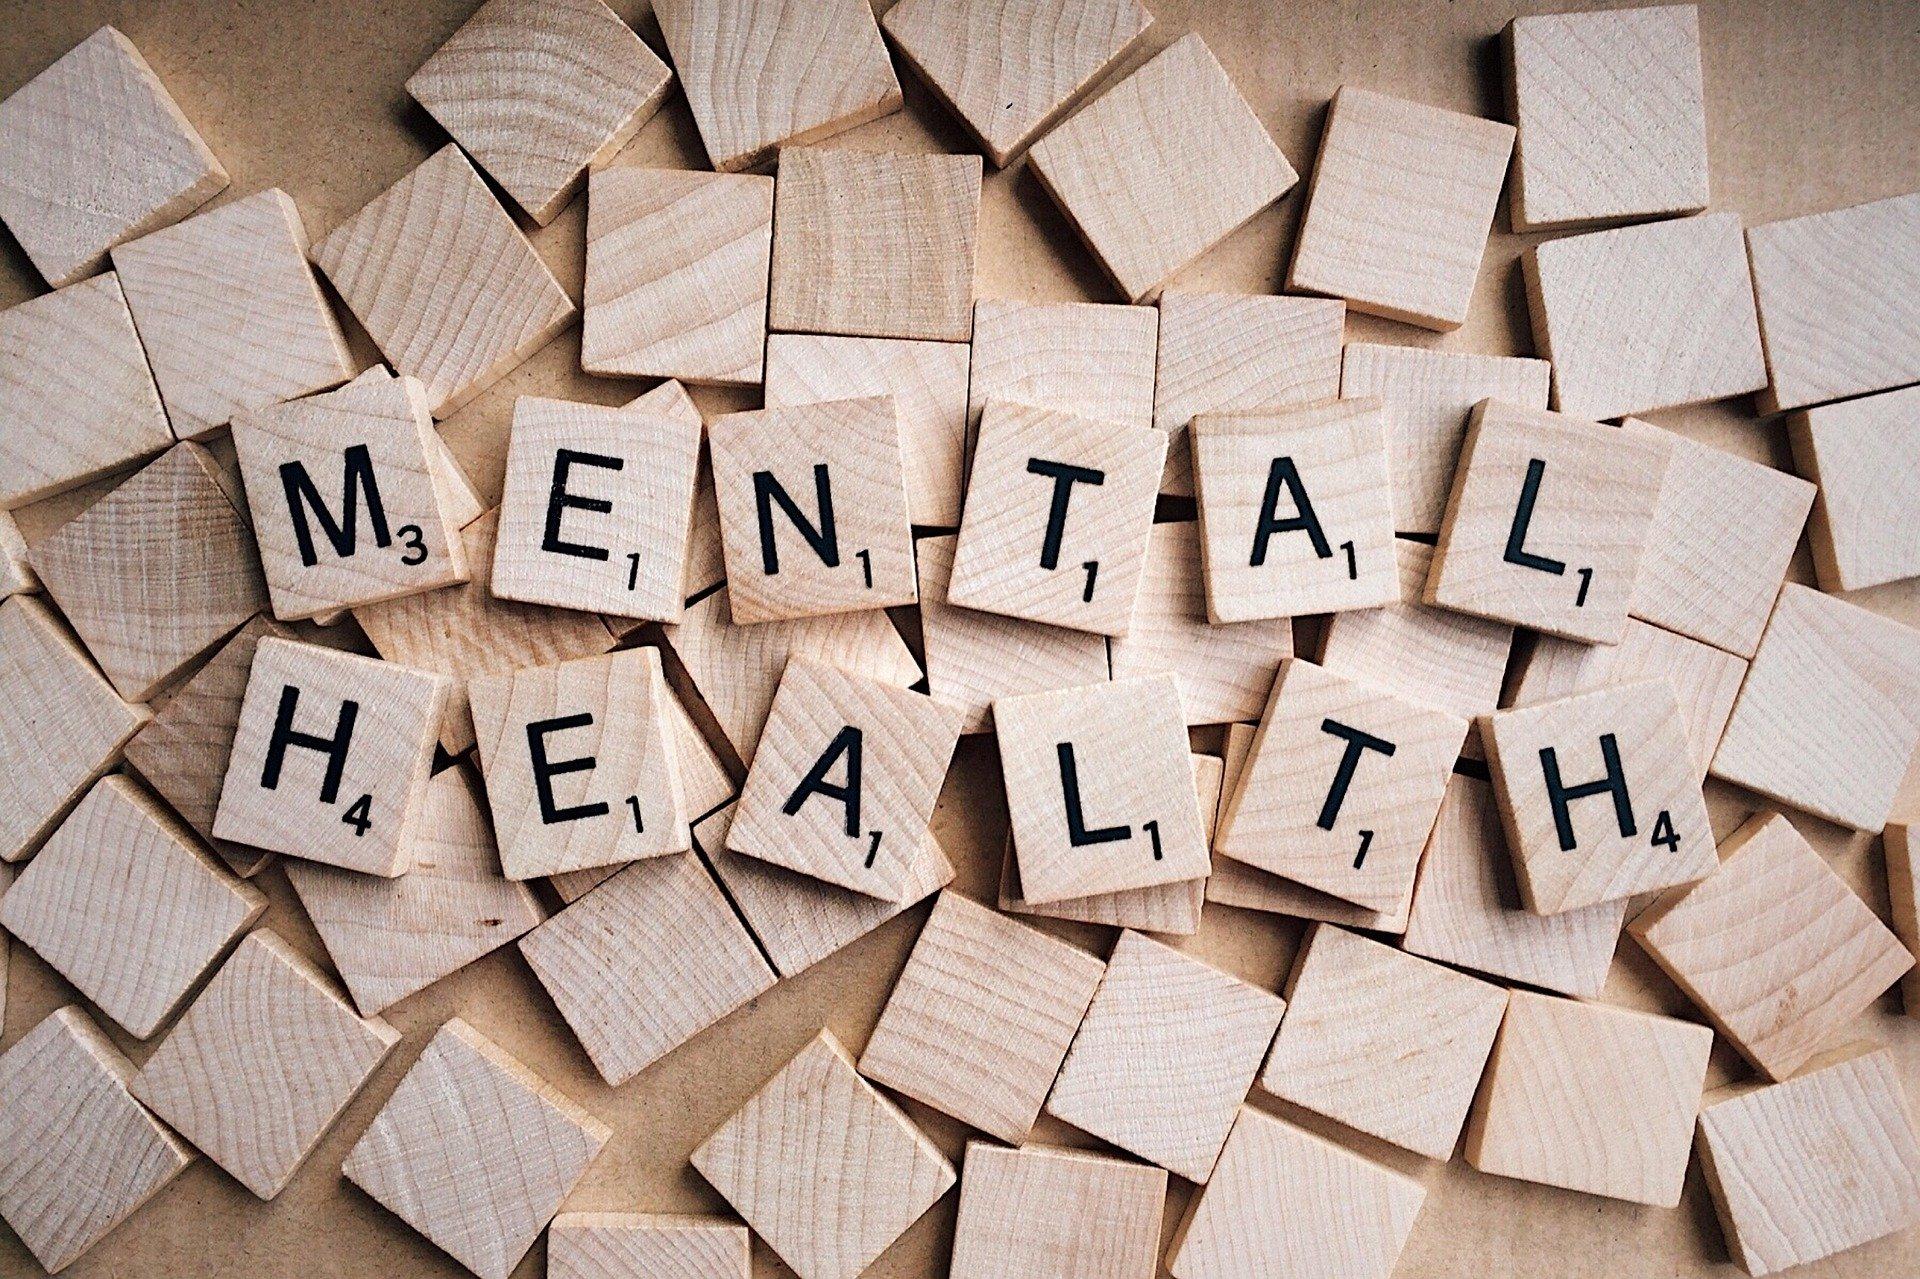 Ψυχική υγεία ευαισθητοποίηση: Οικοδομώντας τις βάσεις για ένα υγιές μέλλον